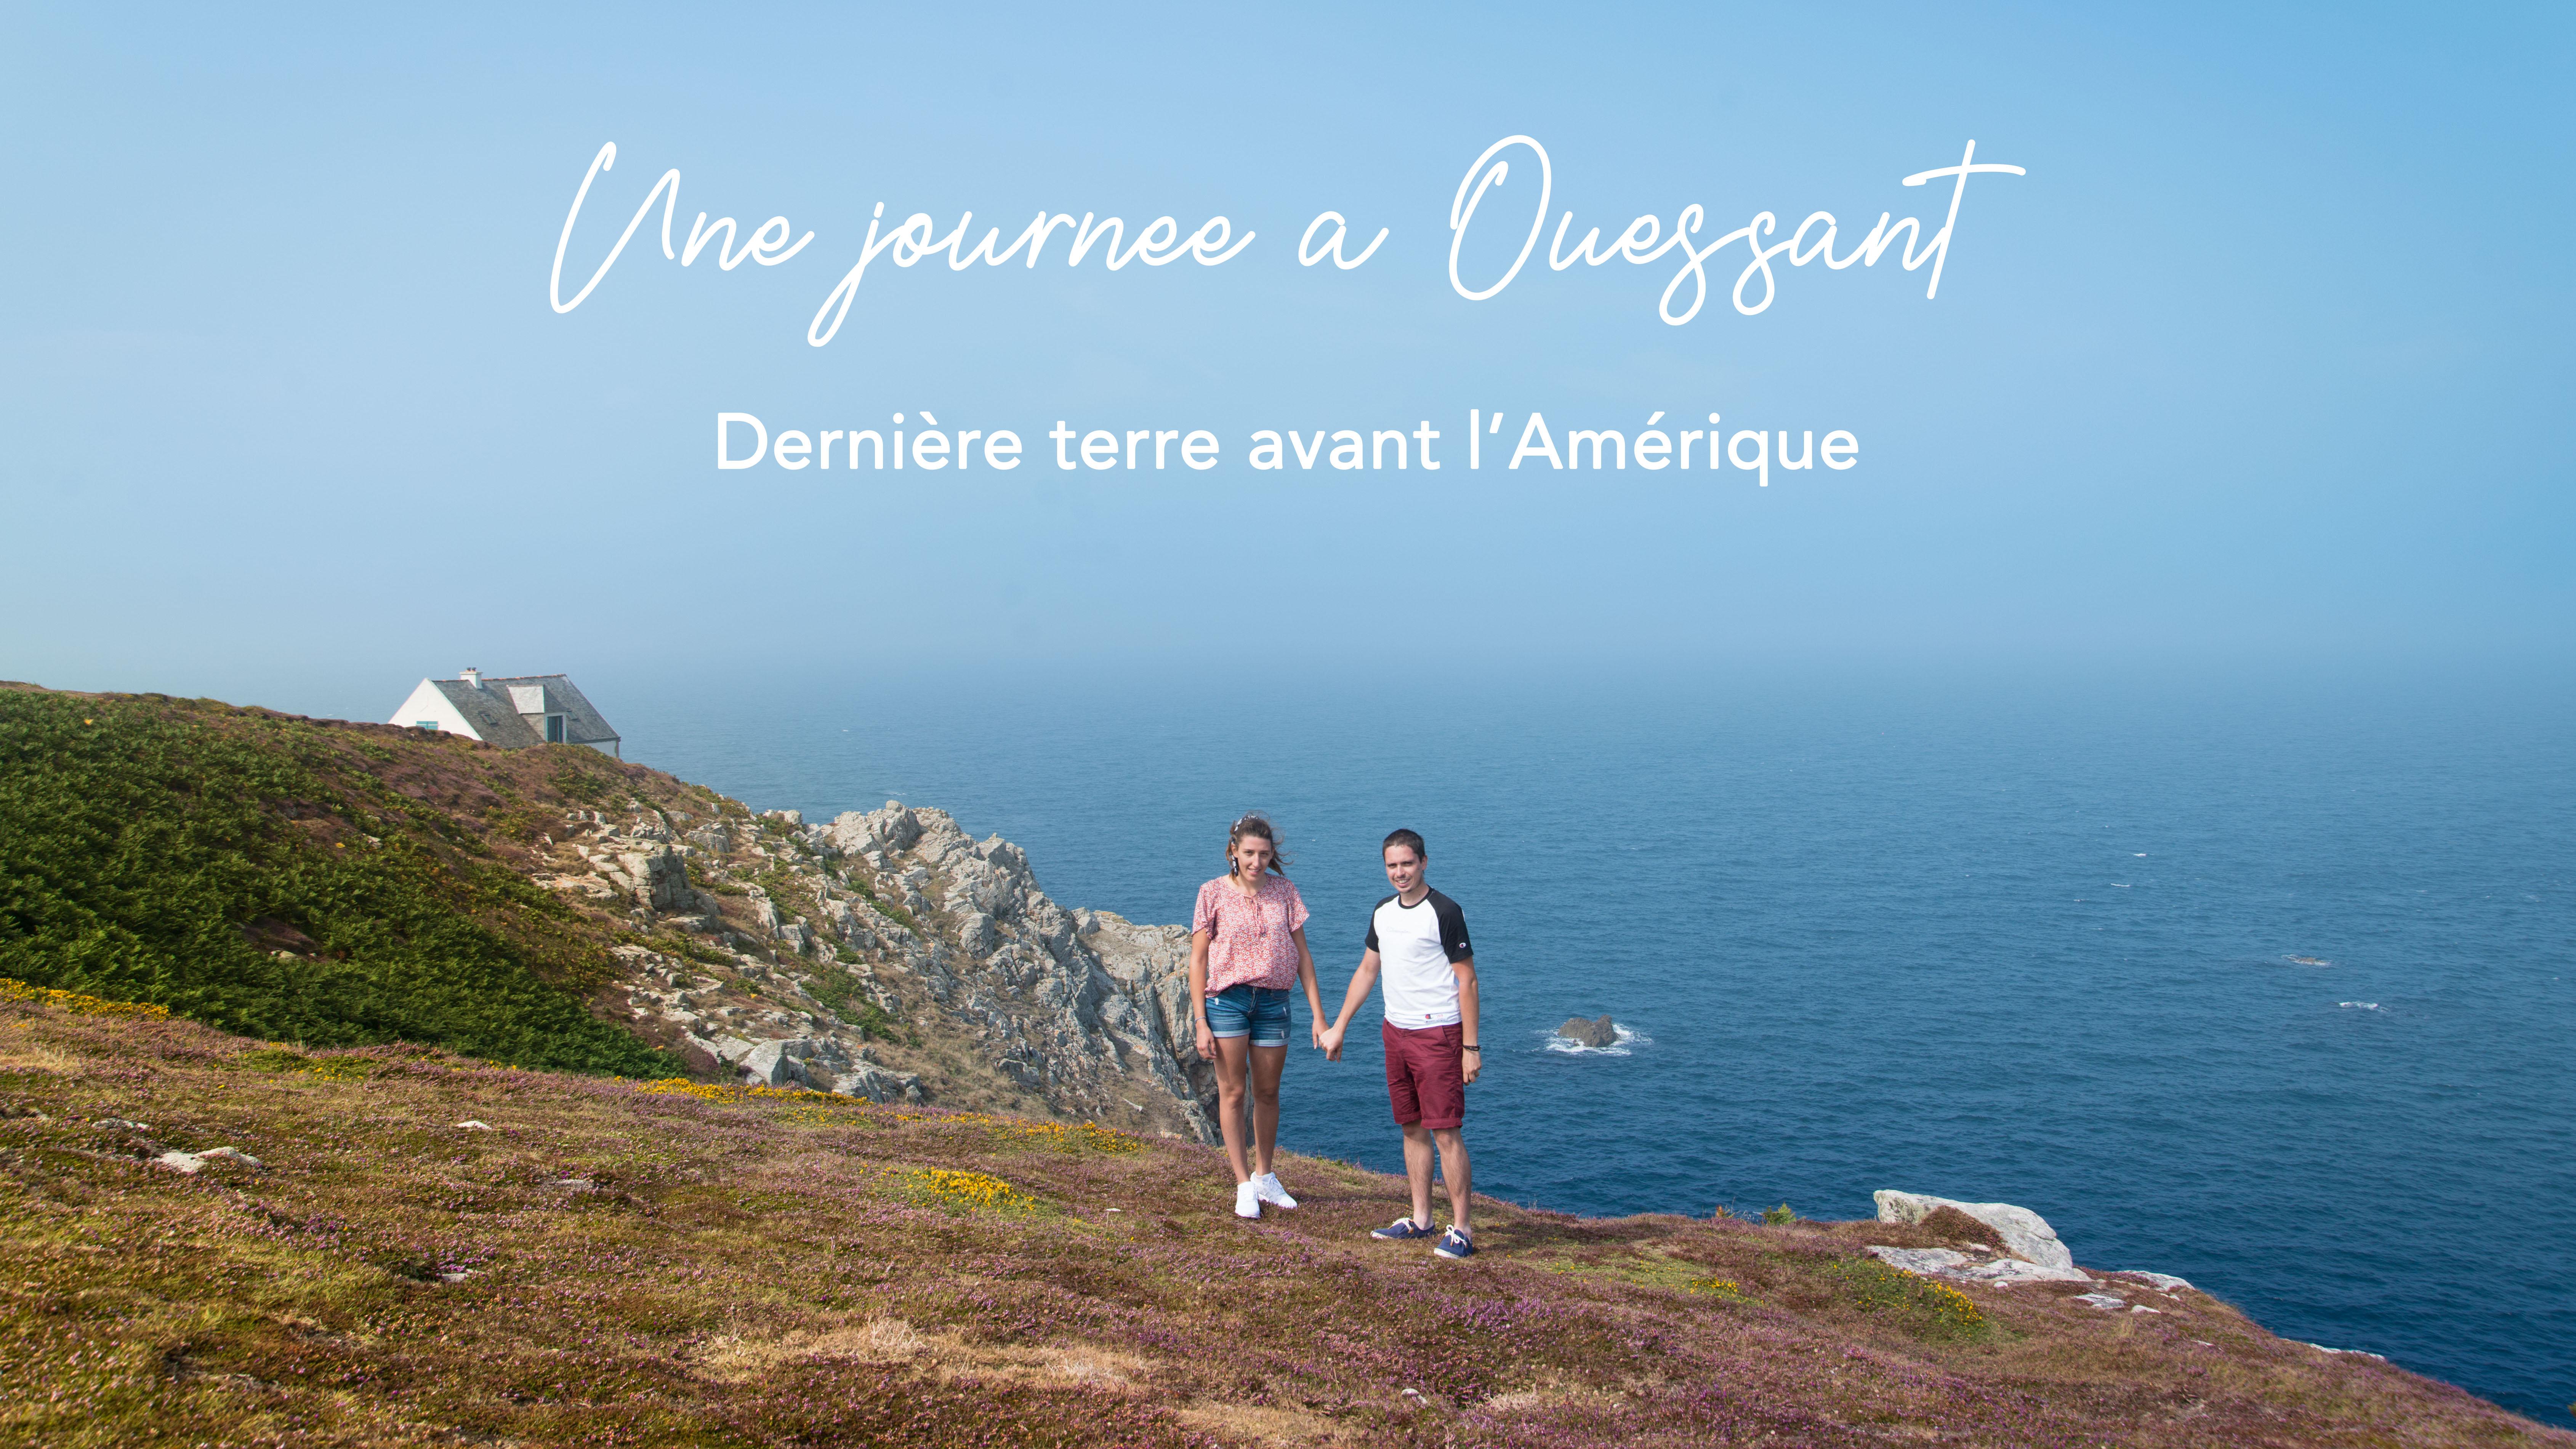 Une journée sur l'île d'Ouessant